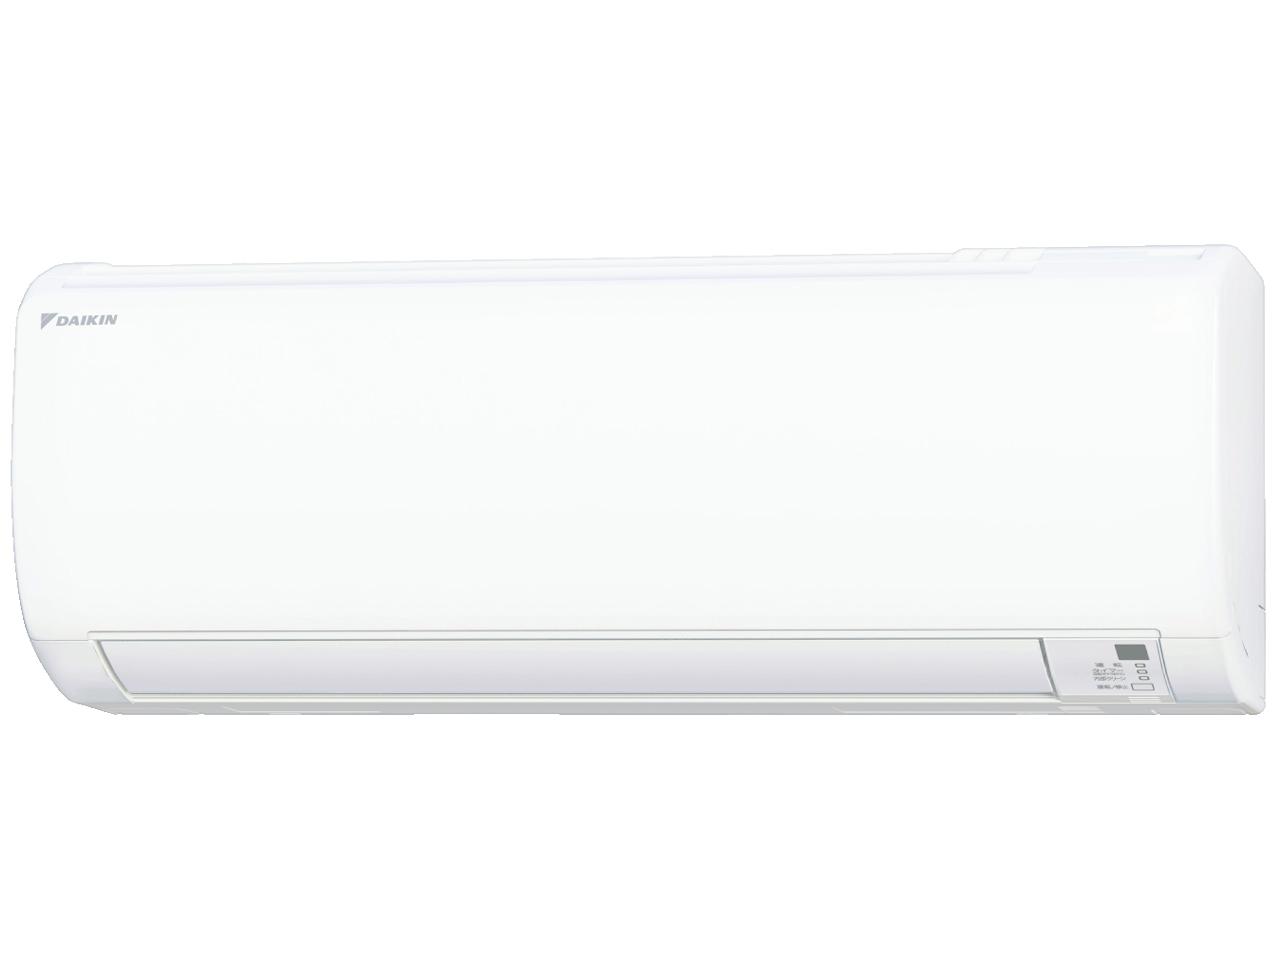 ダイキン 19年モデル Eシリーズ S28WTEV-W 【200V用 電源直結型】10畳用冷暖房除湿エアコン